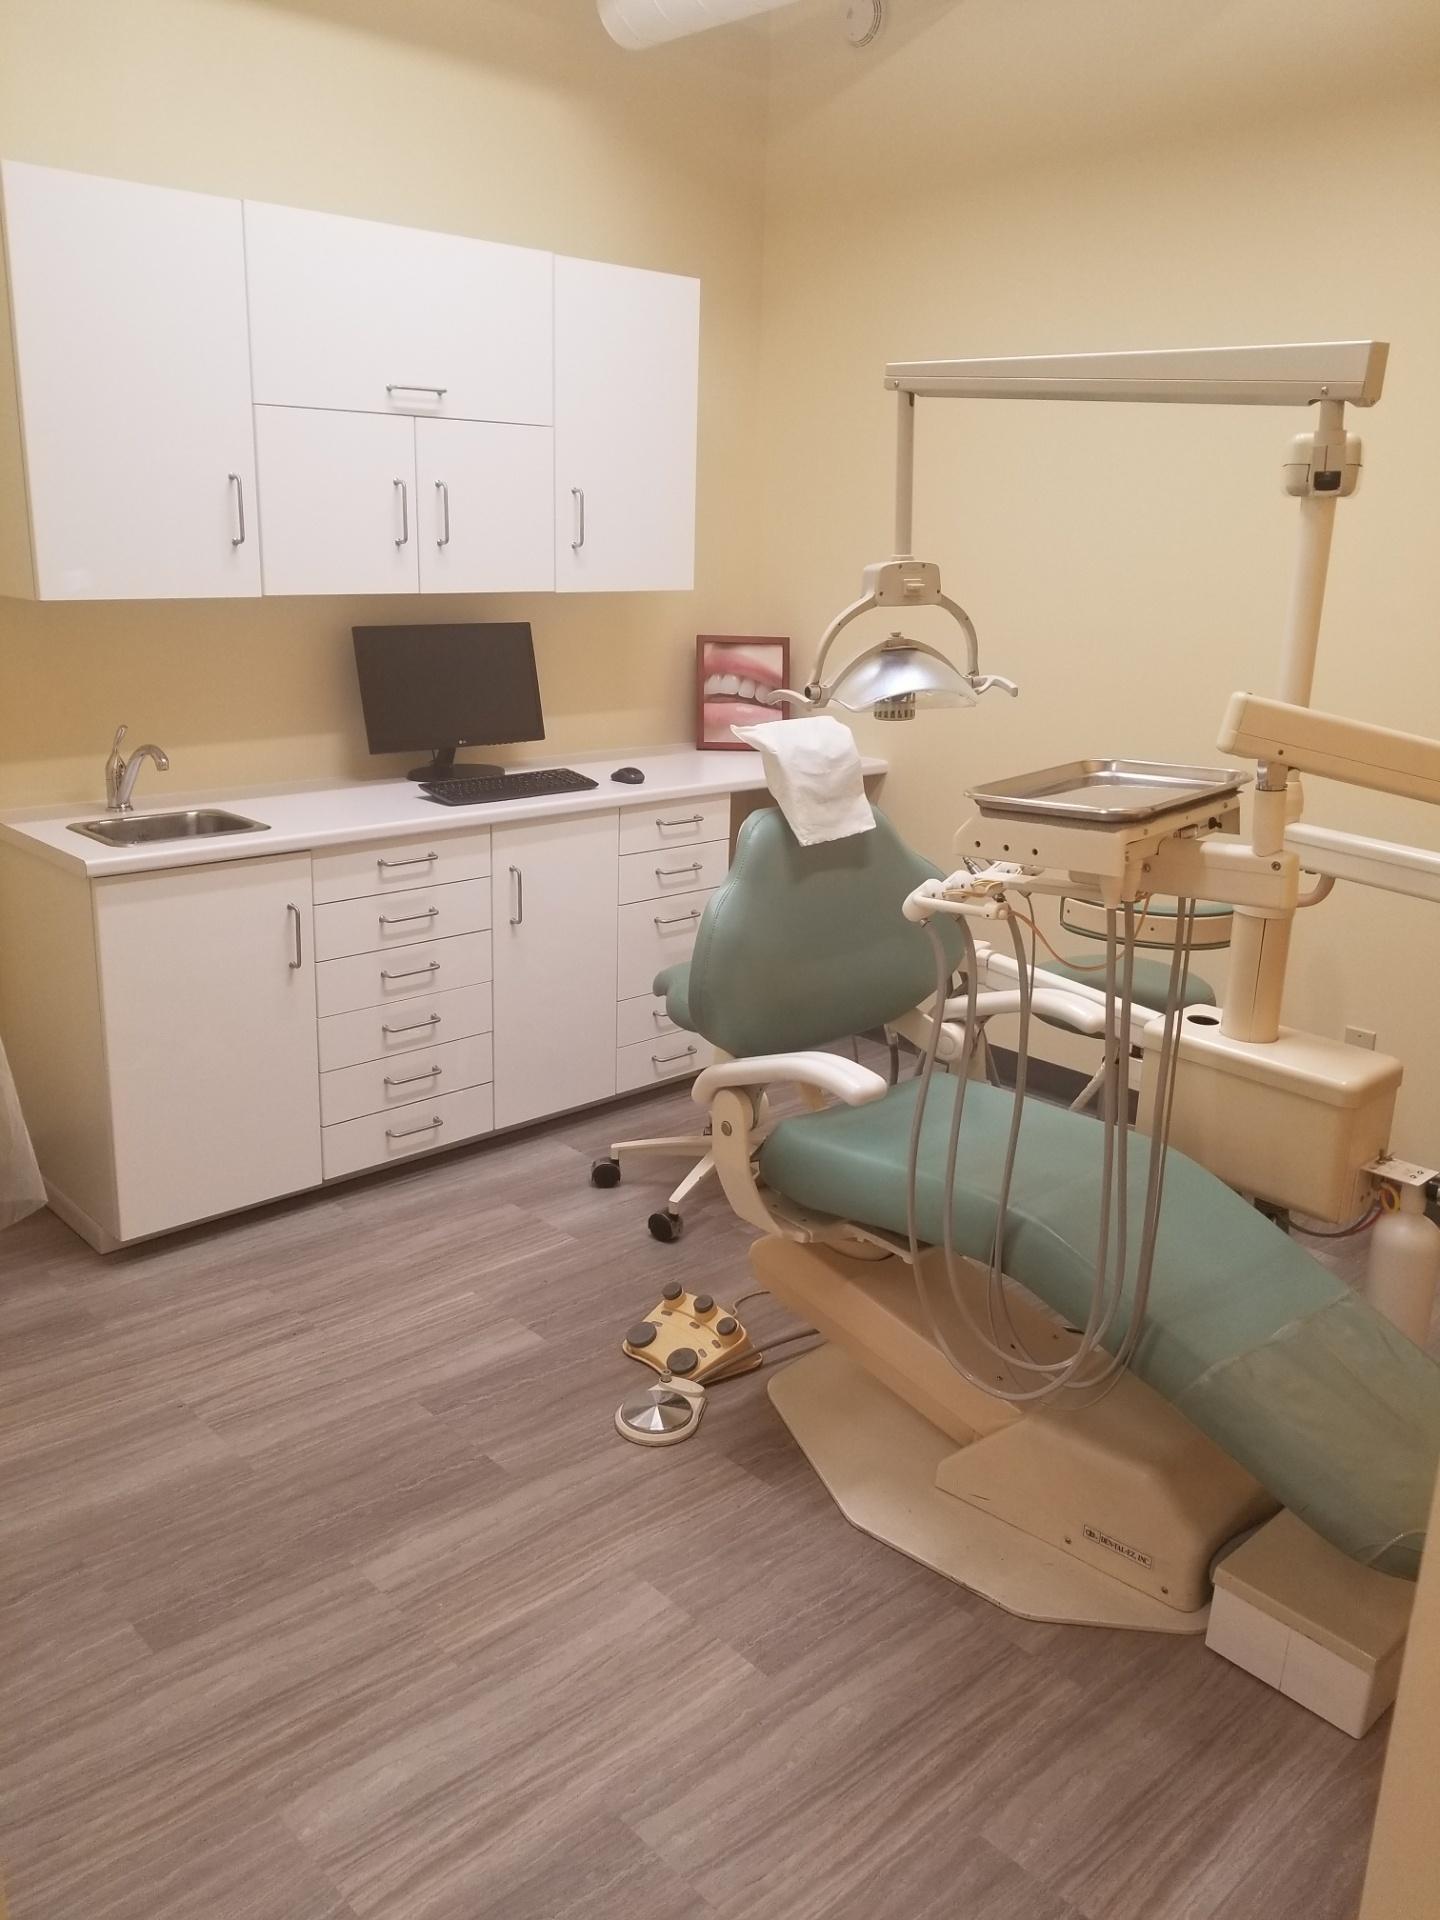 Hygienist room/ Salle d'Hygiéniste